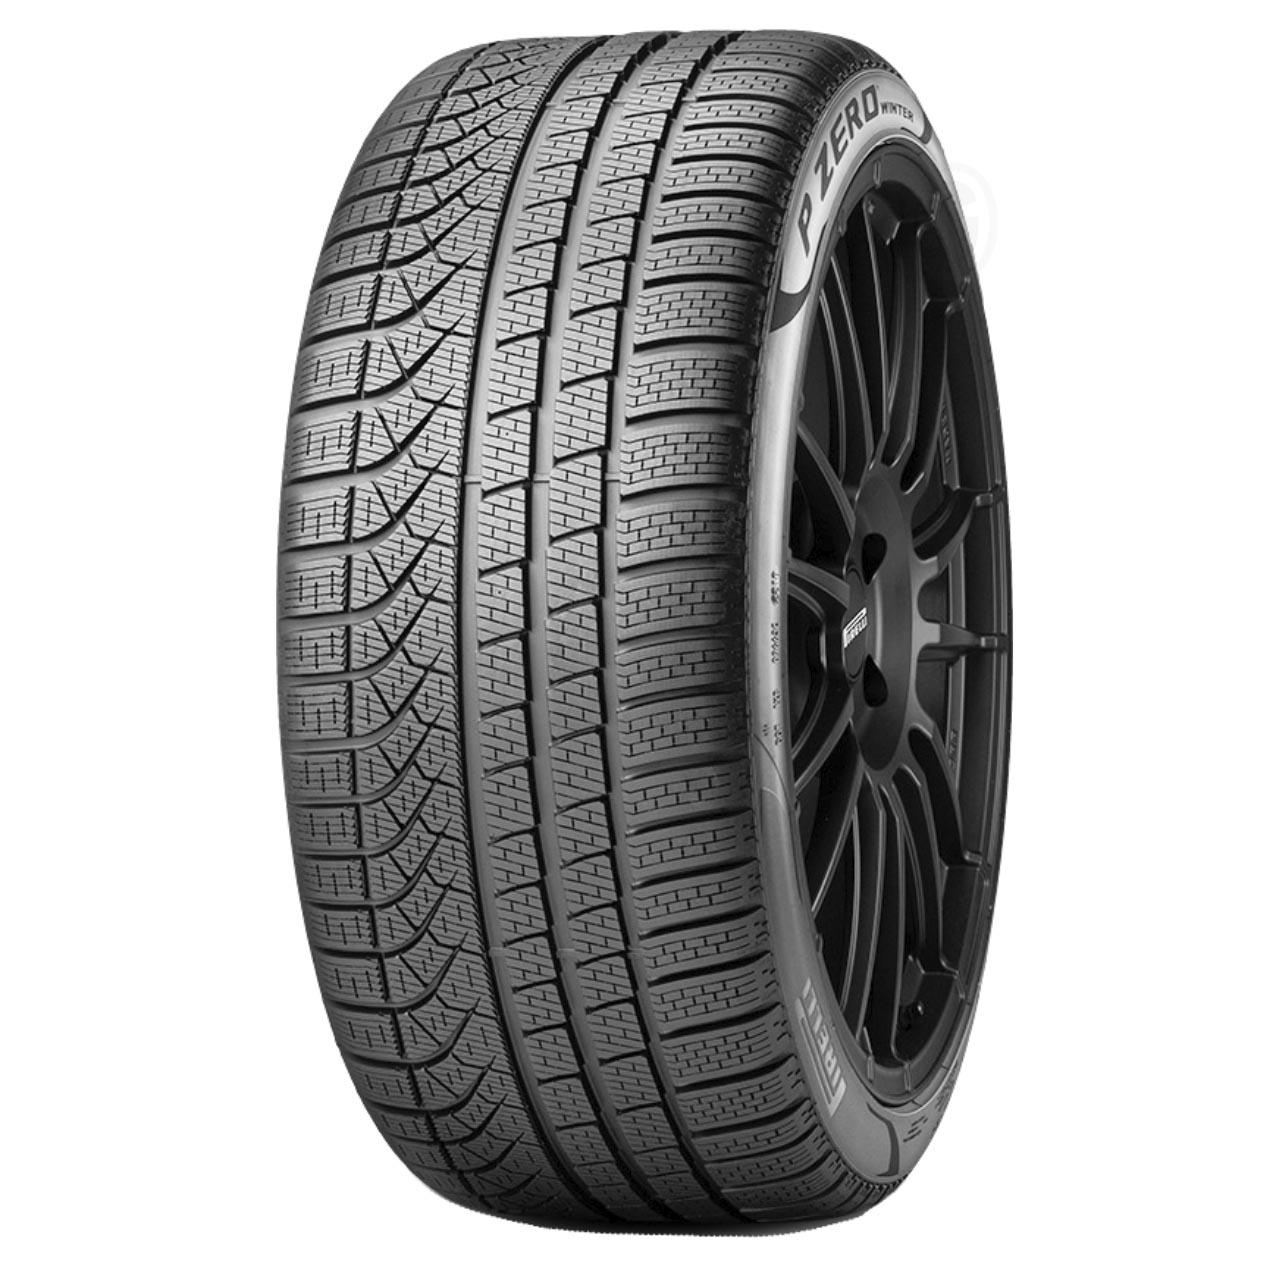 Pirelli Pzero Winter 245/40R19 98V XL RFT * E